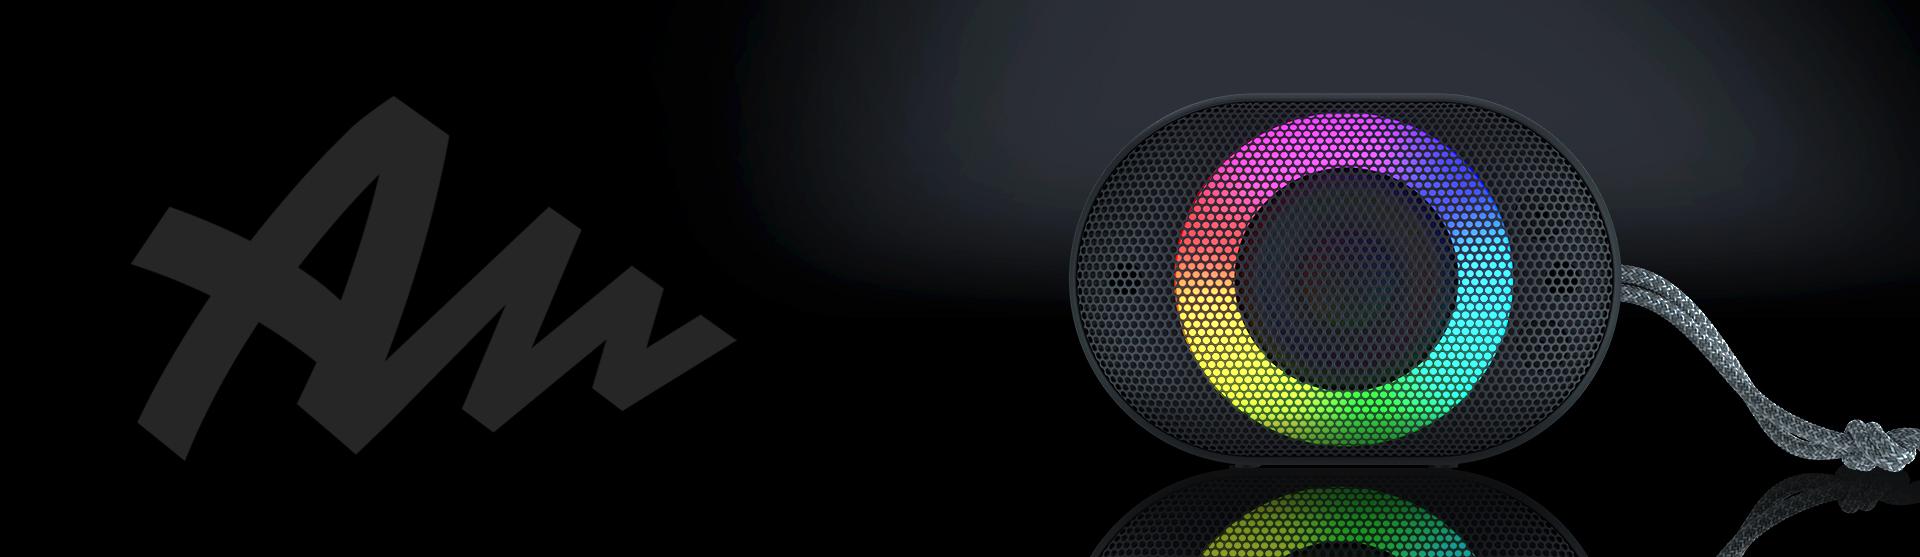 bluetooth speaker audictus aurora mini 7w rgb black 8